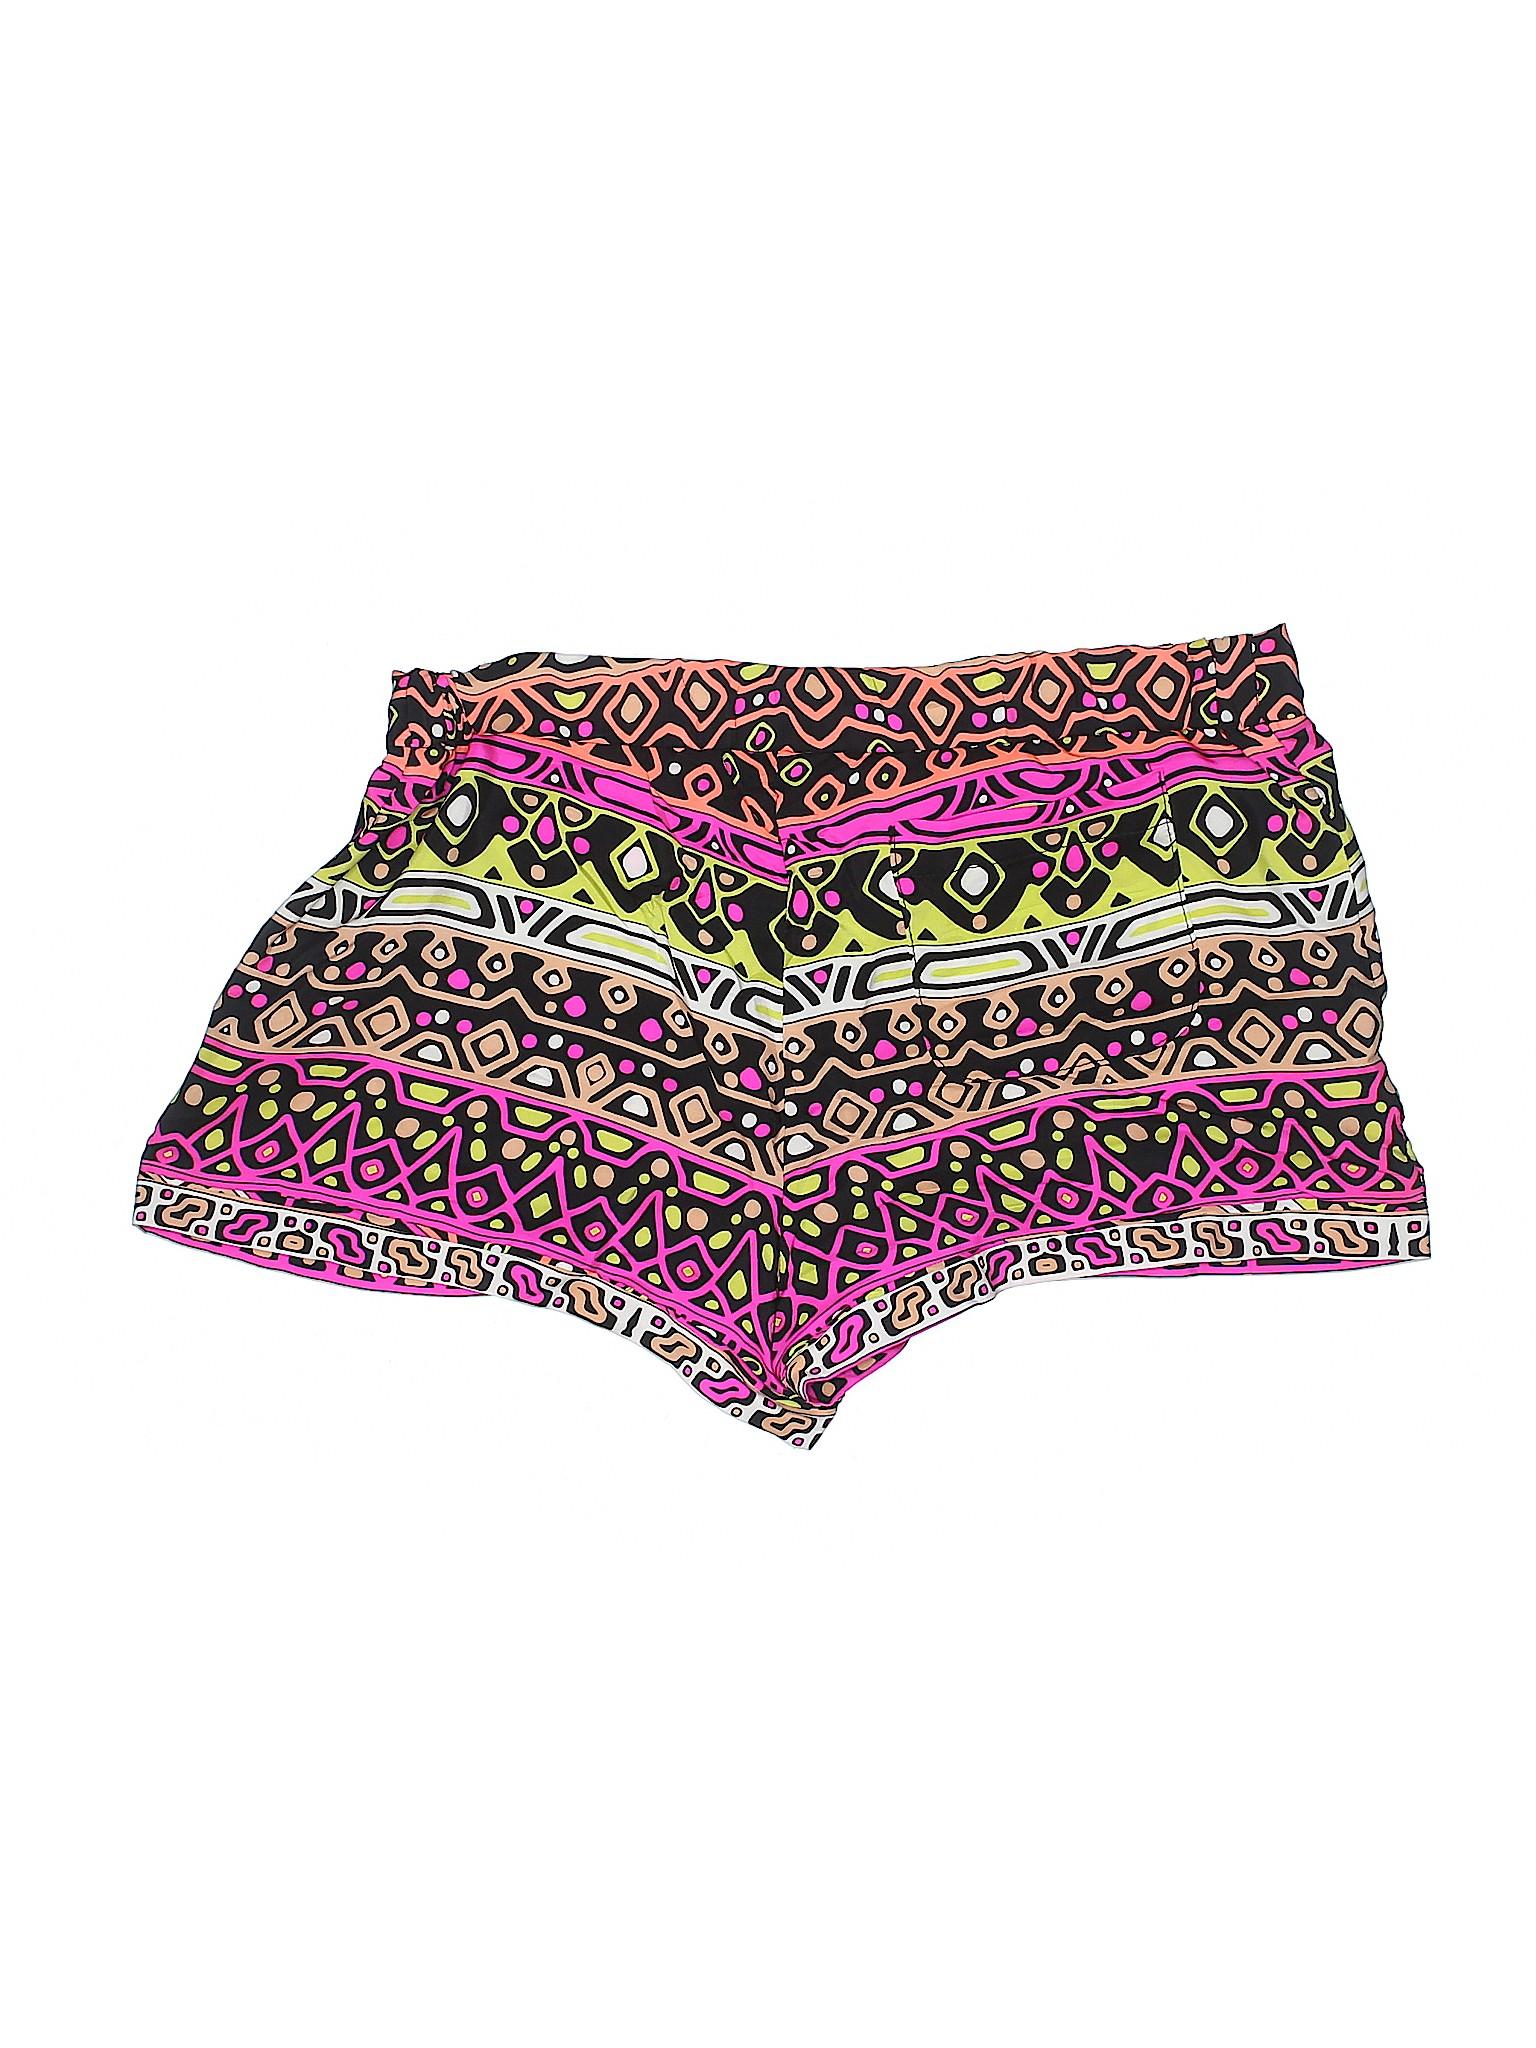 amp; Trixie Boutique Alice Boutique Alice Shorts amp; IxvZqvF6